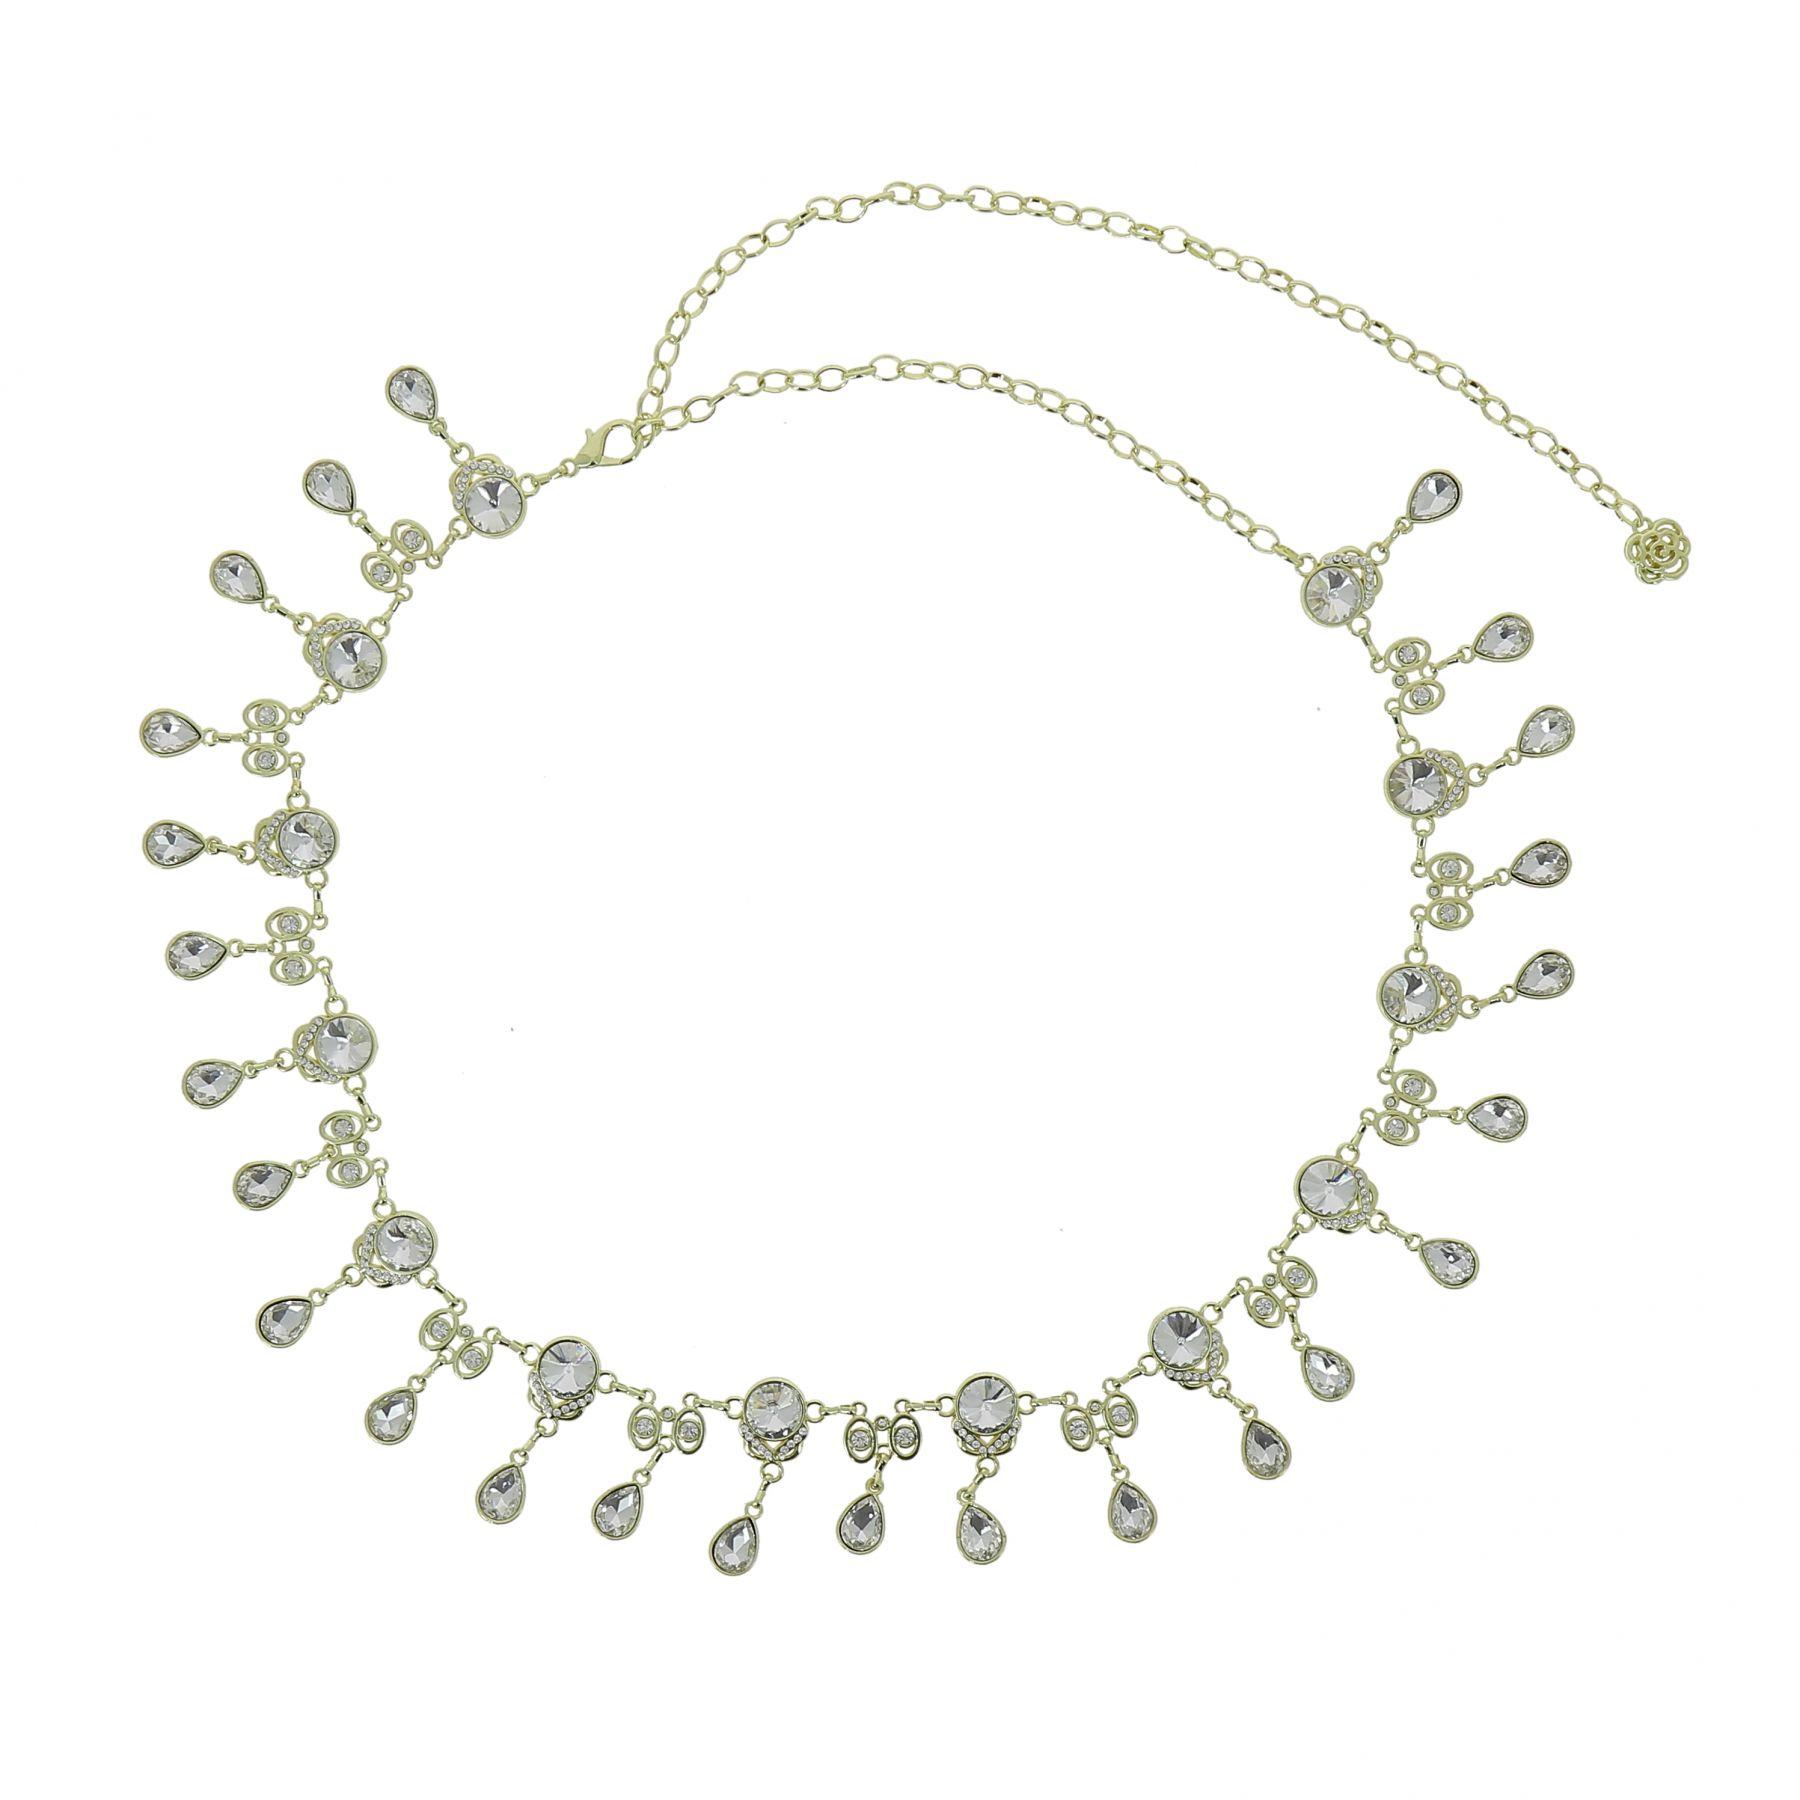 Ceinture chaîne pendantes à strass pour femme, taille réglable ALMA. Loading  zoom 43a4c753f8f